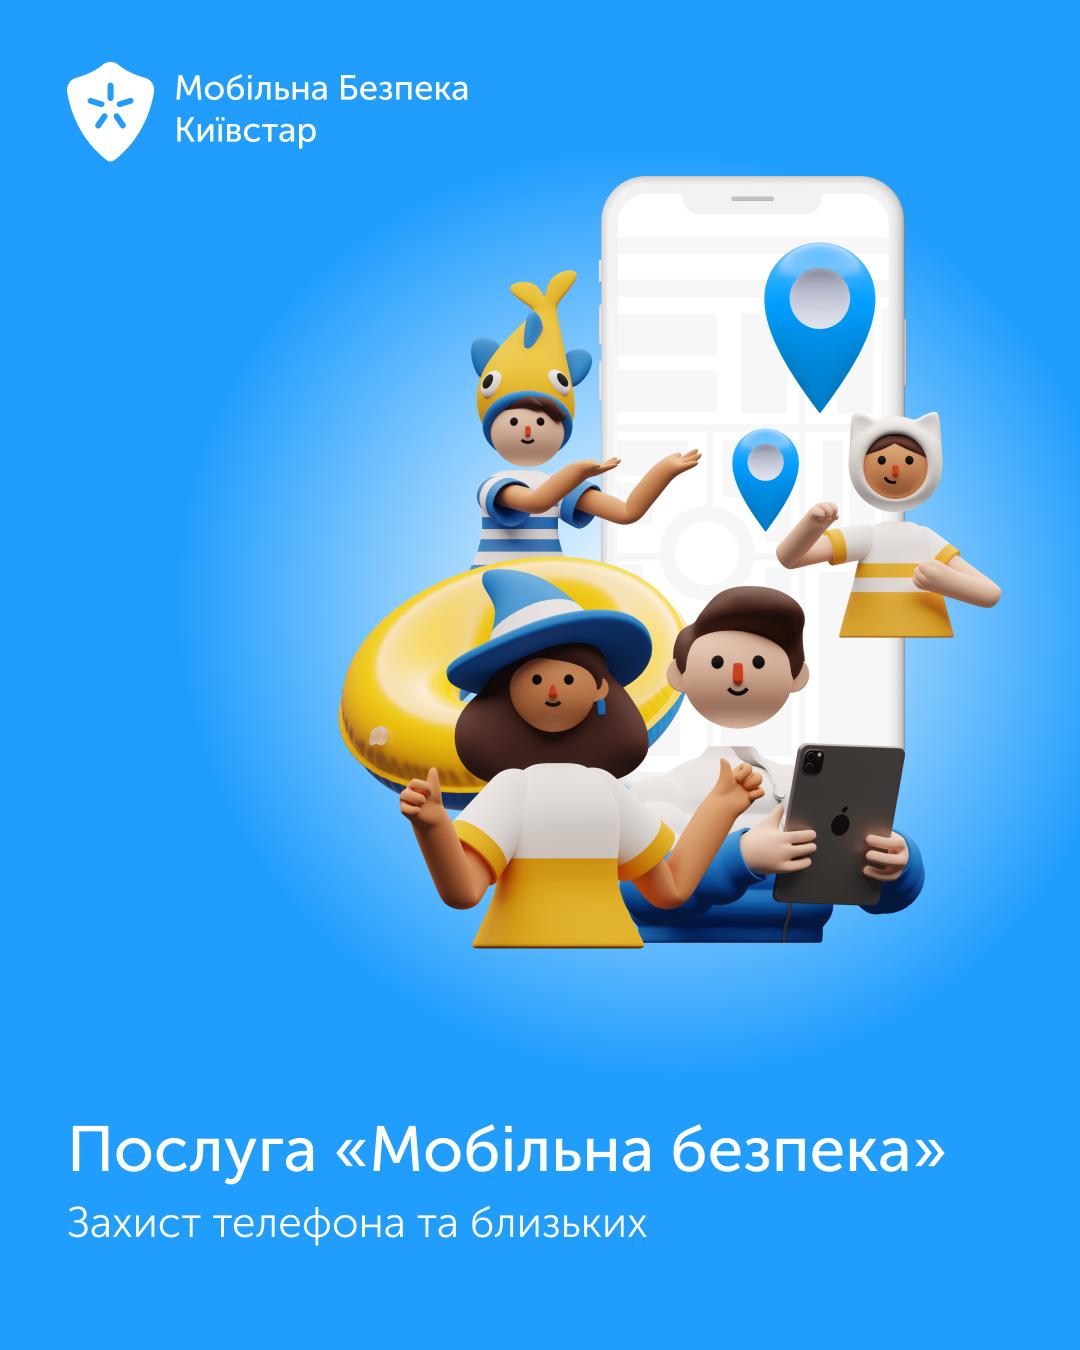 """Сервис защиты телефонов """"Мобильная безопасность"""" стал более функциональным"""